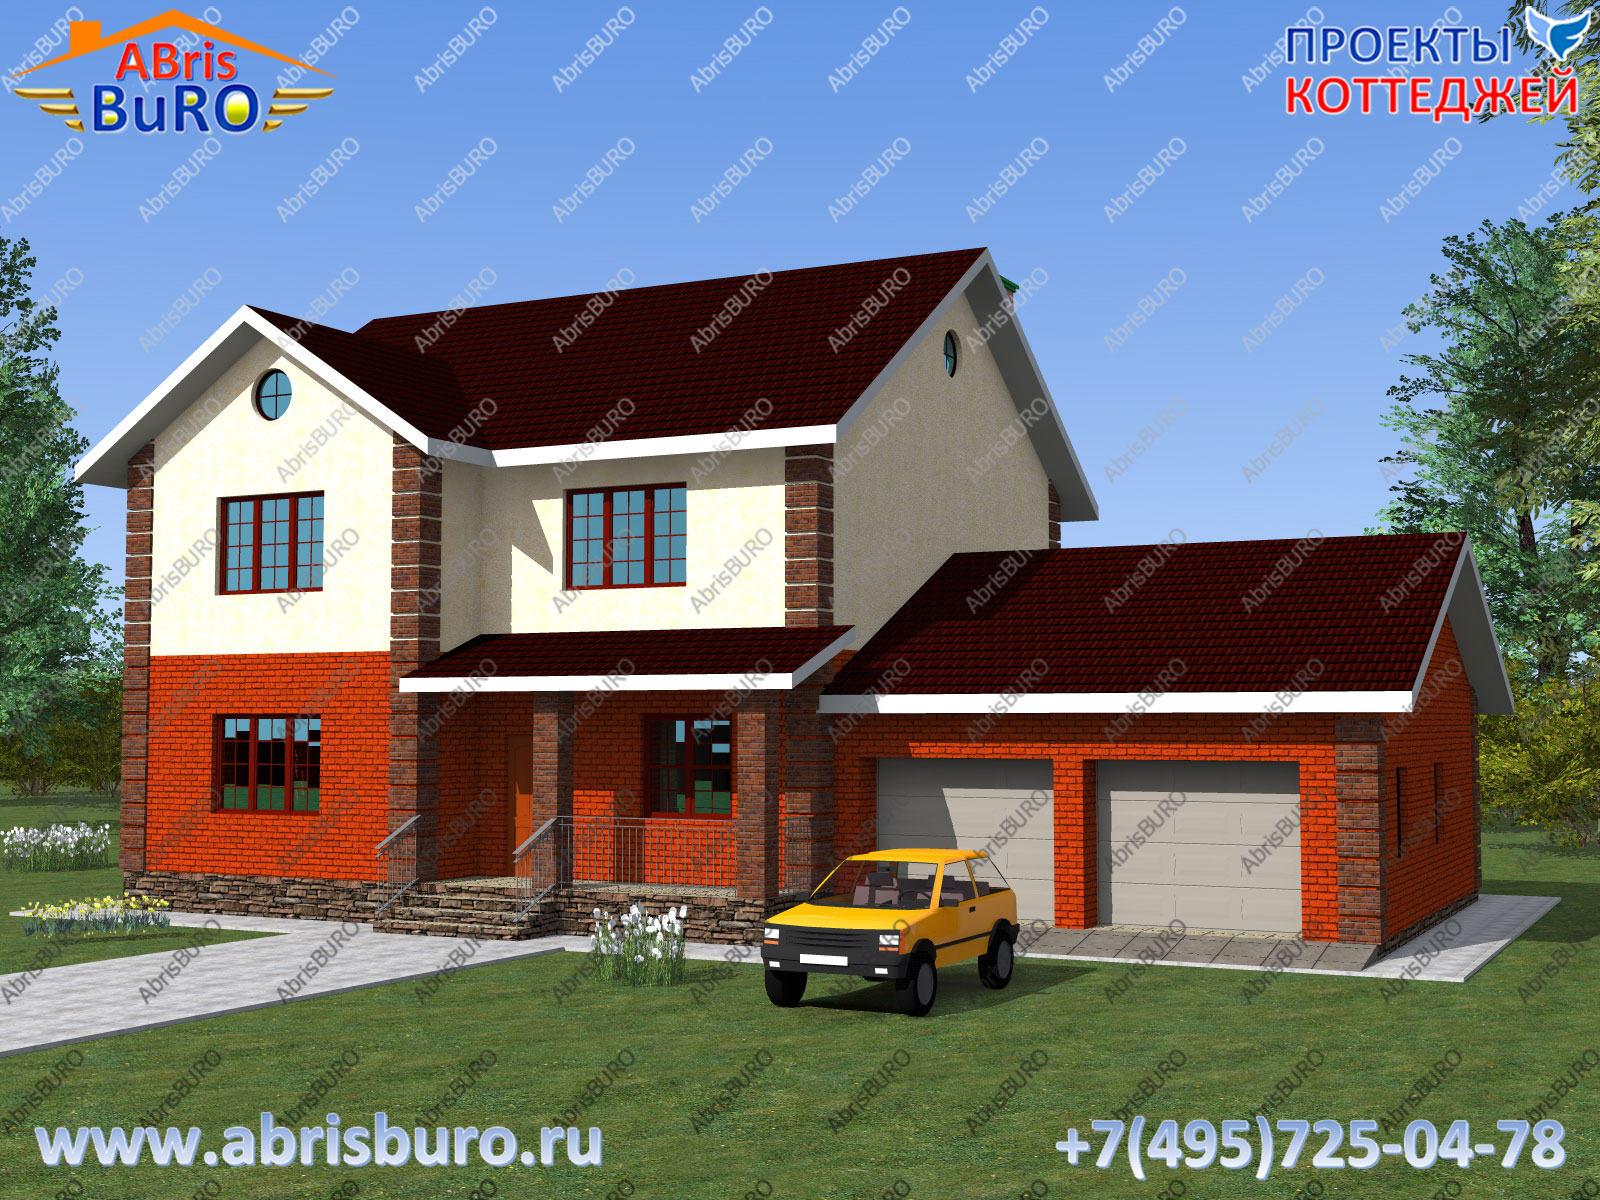 Главный фасад дома K2100-222